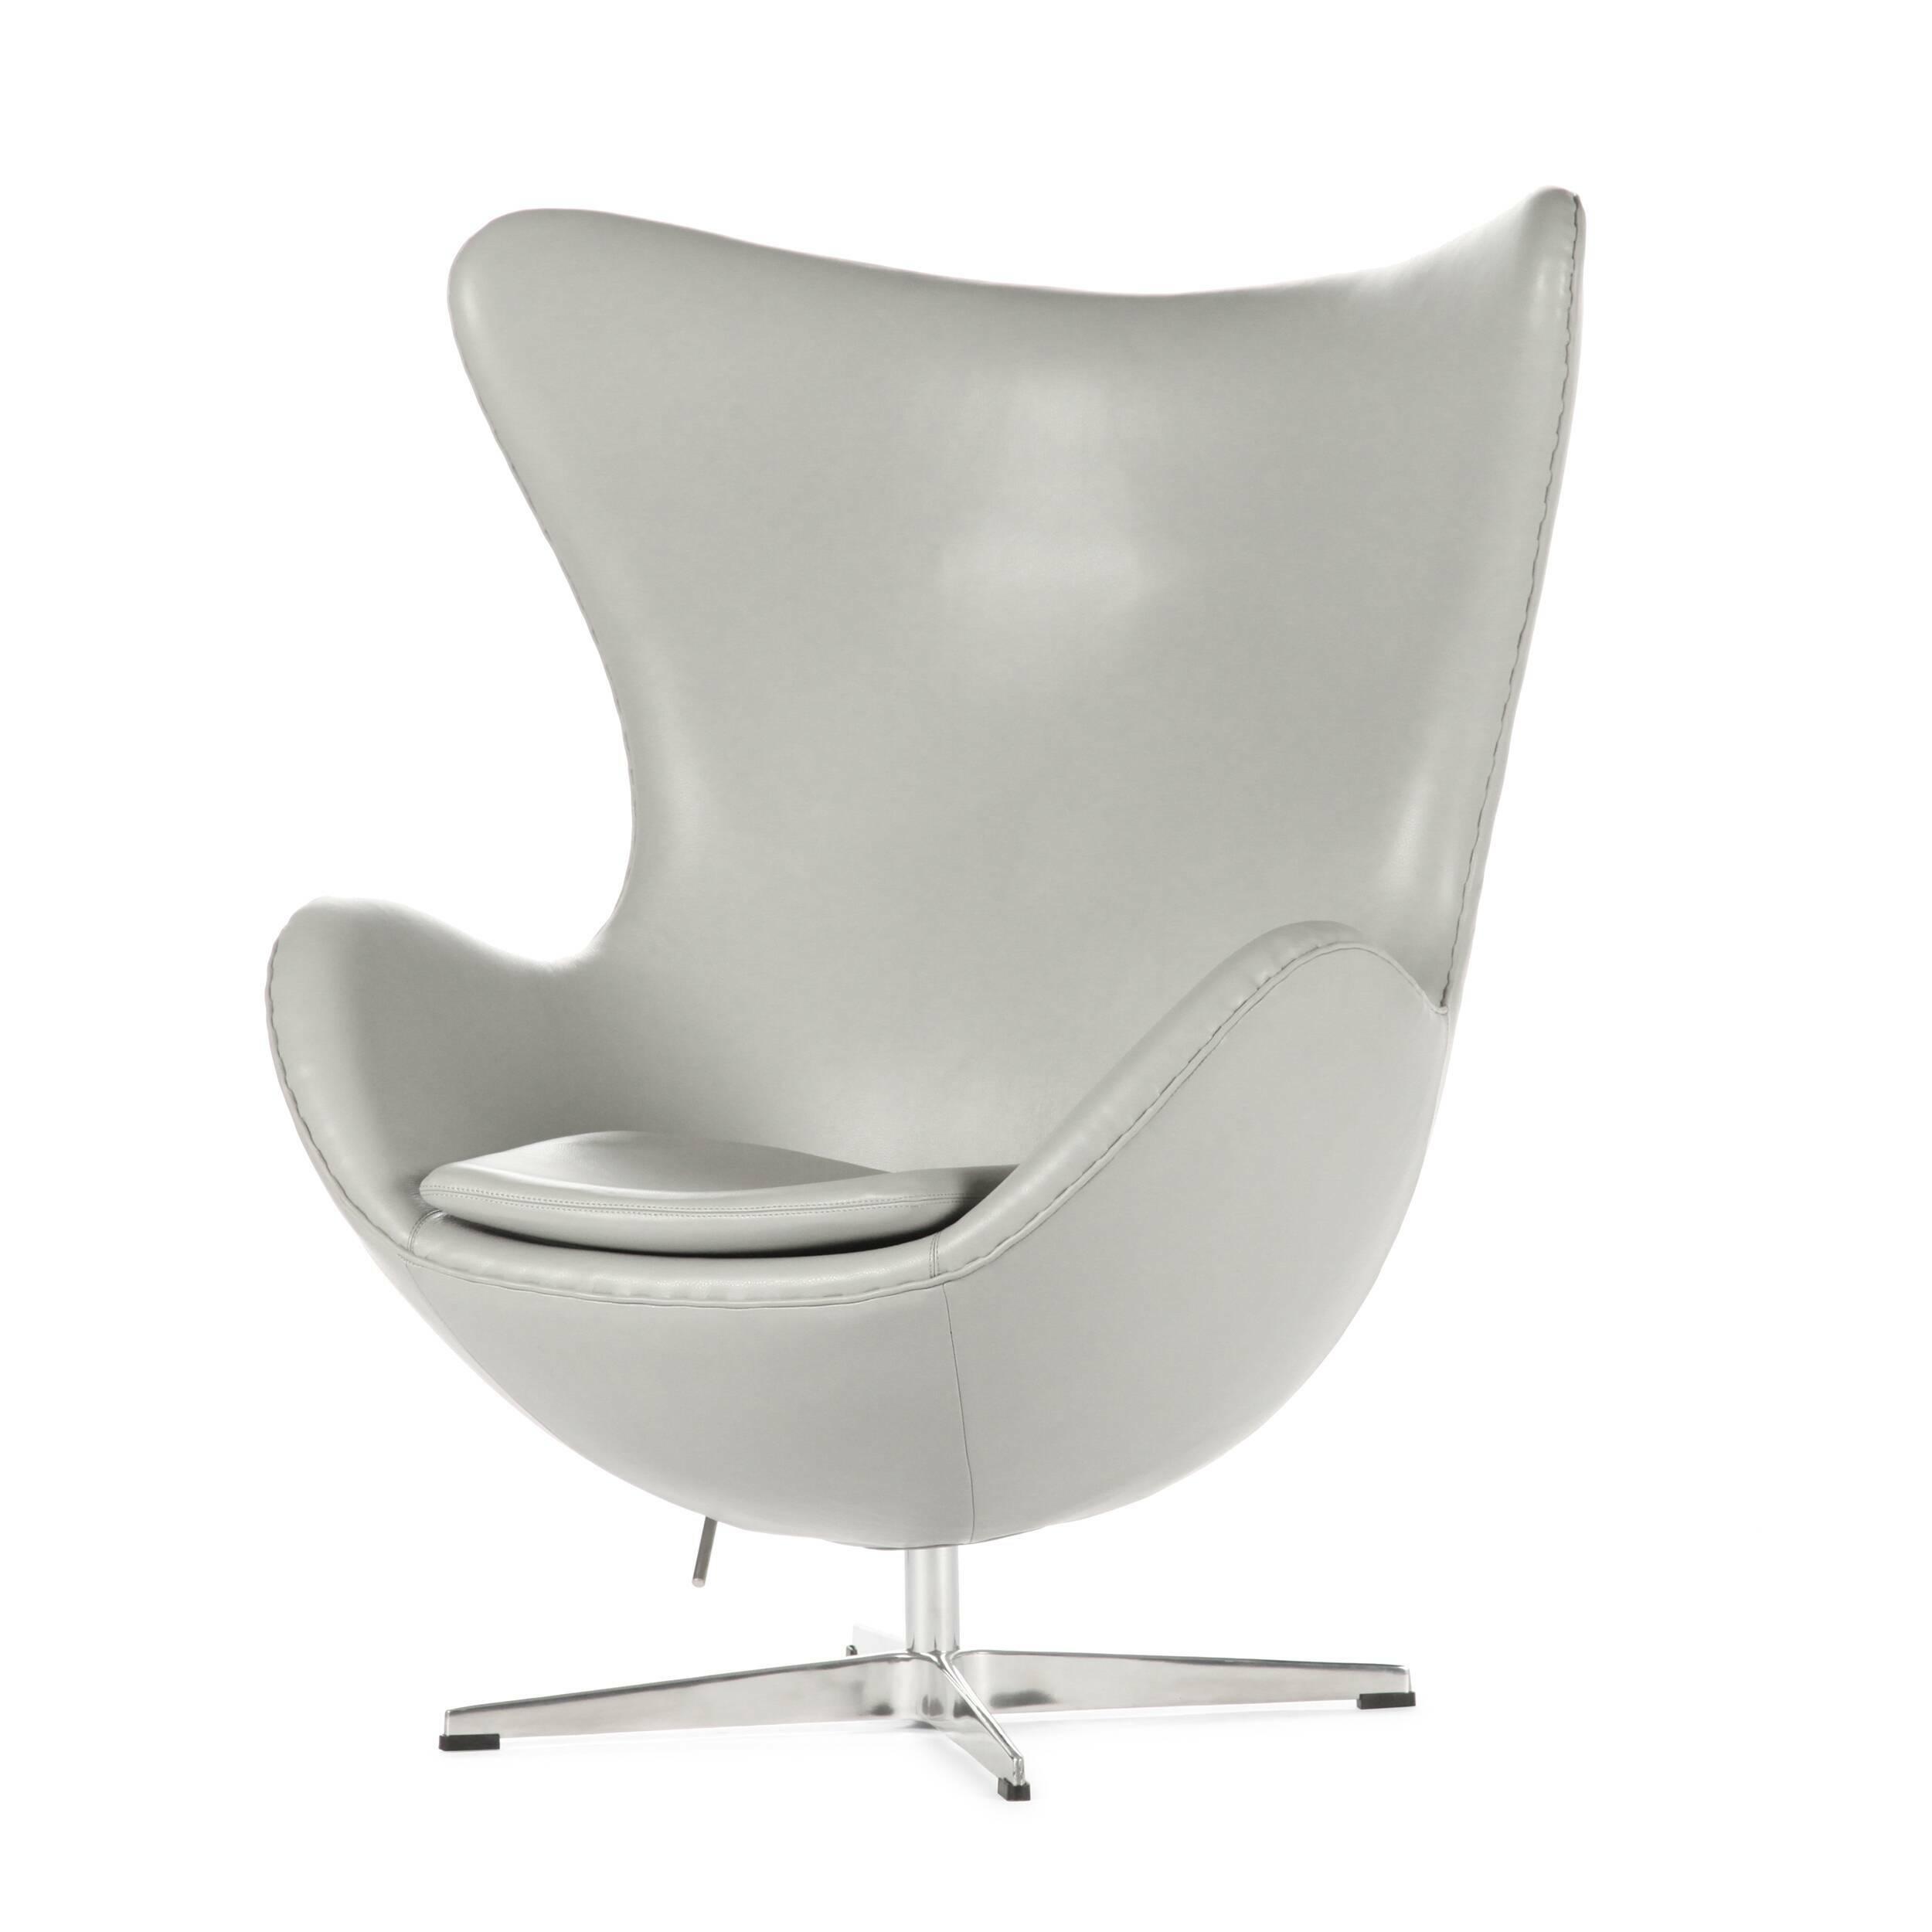 Кресло EggИнтерьерные<br>Дизайнерское комфортное кресло Egg (Эгг) в форме яйца на узкой ножке от Cosmo (Космо).<br><br><br> Кресло, своими очертаниями напоминающее яйцо, — одно из самых известных творений датского дизайнера Арне Якобсена. Вряд ли оно когда-нибудь выйдет из моды — уж слишком велик диапазон его интерьерных возможностей. Кроме того, обыгрывать данную форму помогают различные фактуры и цвета обивок.<br><br><br> Особенно приятно и солидно смотрится оригинальное кресло Egg в обивке из натуральной кожи, представлен...<br><br>stock: 2<br>Высота: 105,5<br>Высота сиденья: 41<br>Ширина: 87<br>Глубина: 82<br>Материал ножек: Алюминий<br>Материал обивки: Кожа<br>Цвет обивки: Серый